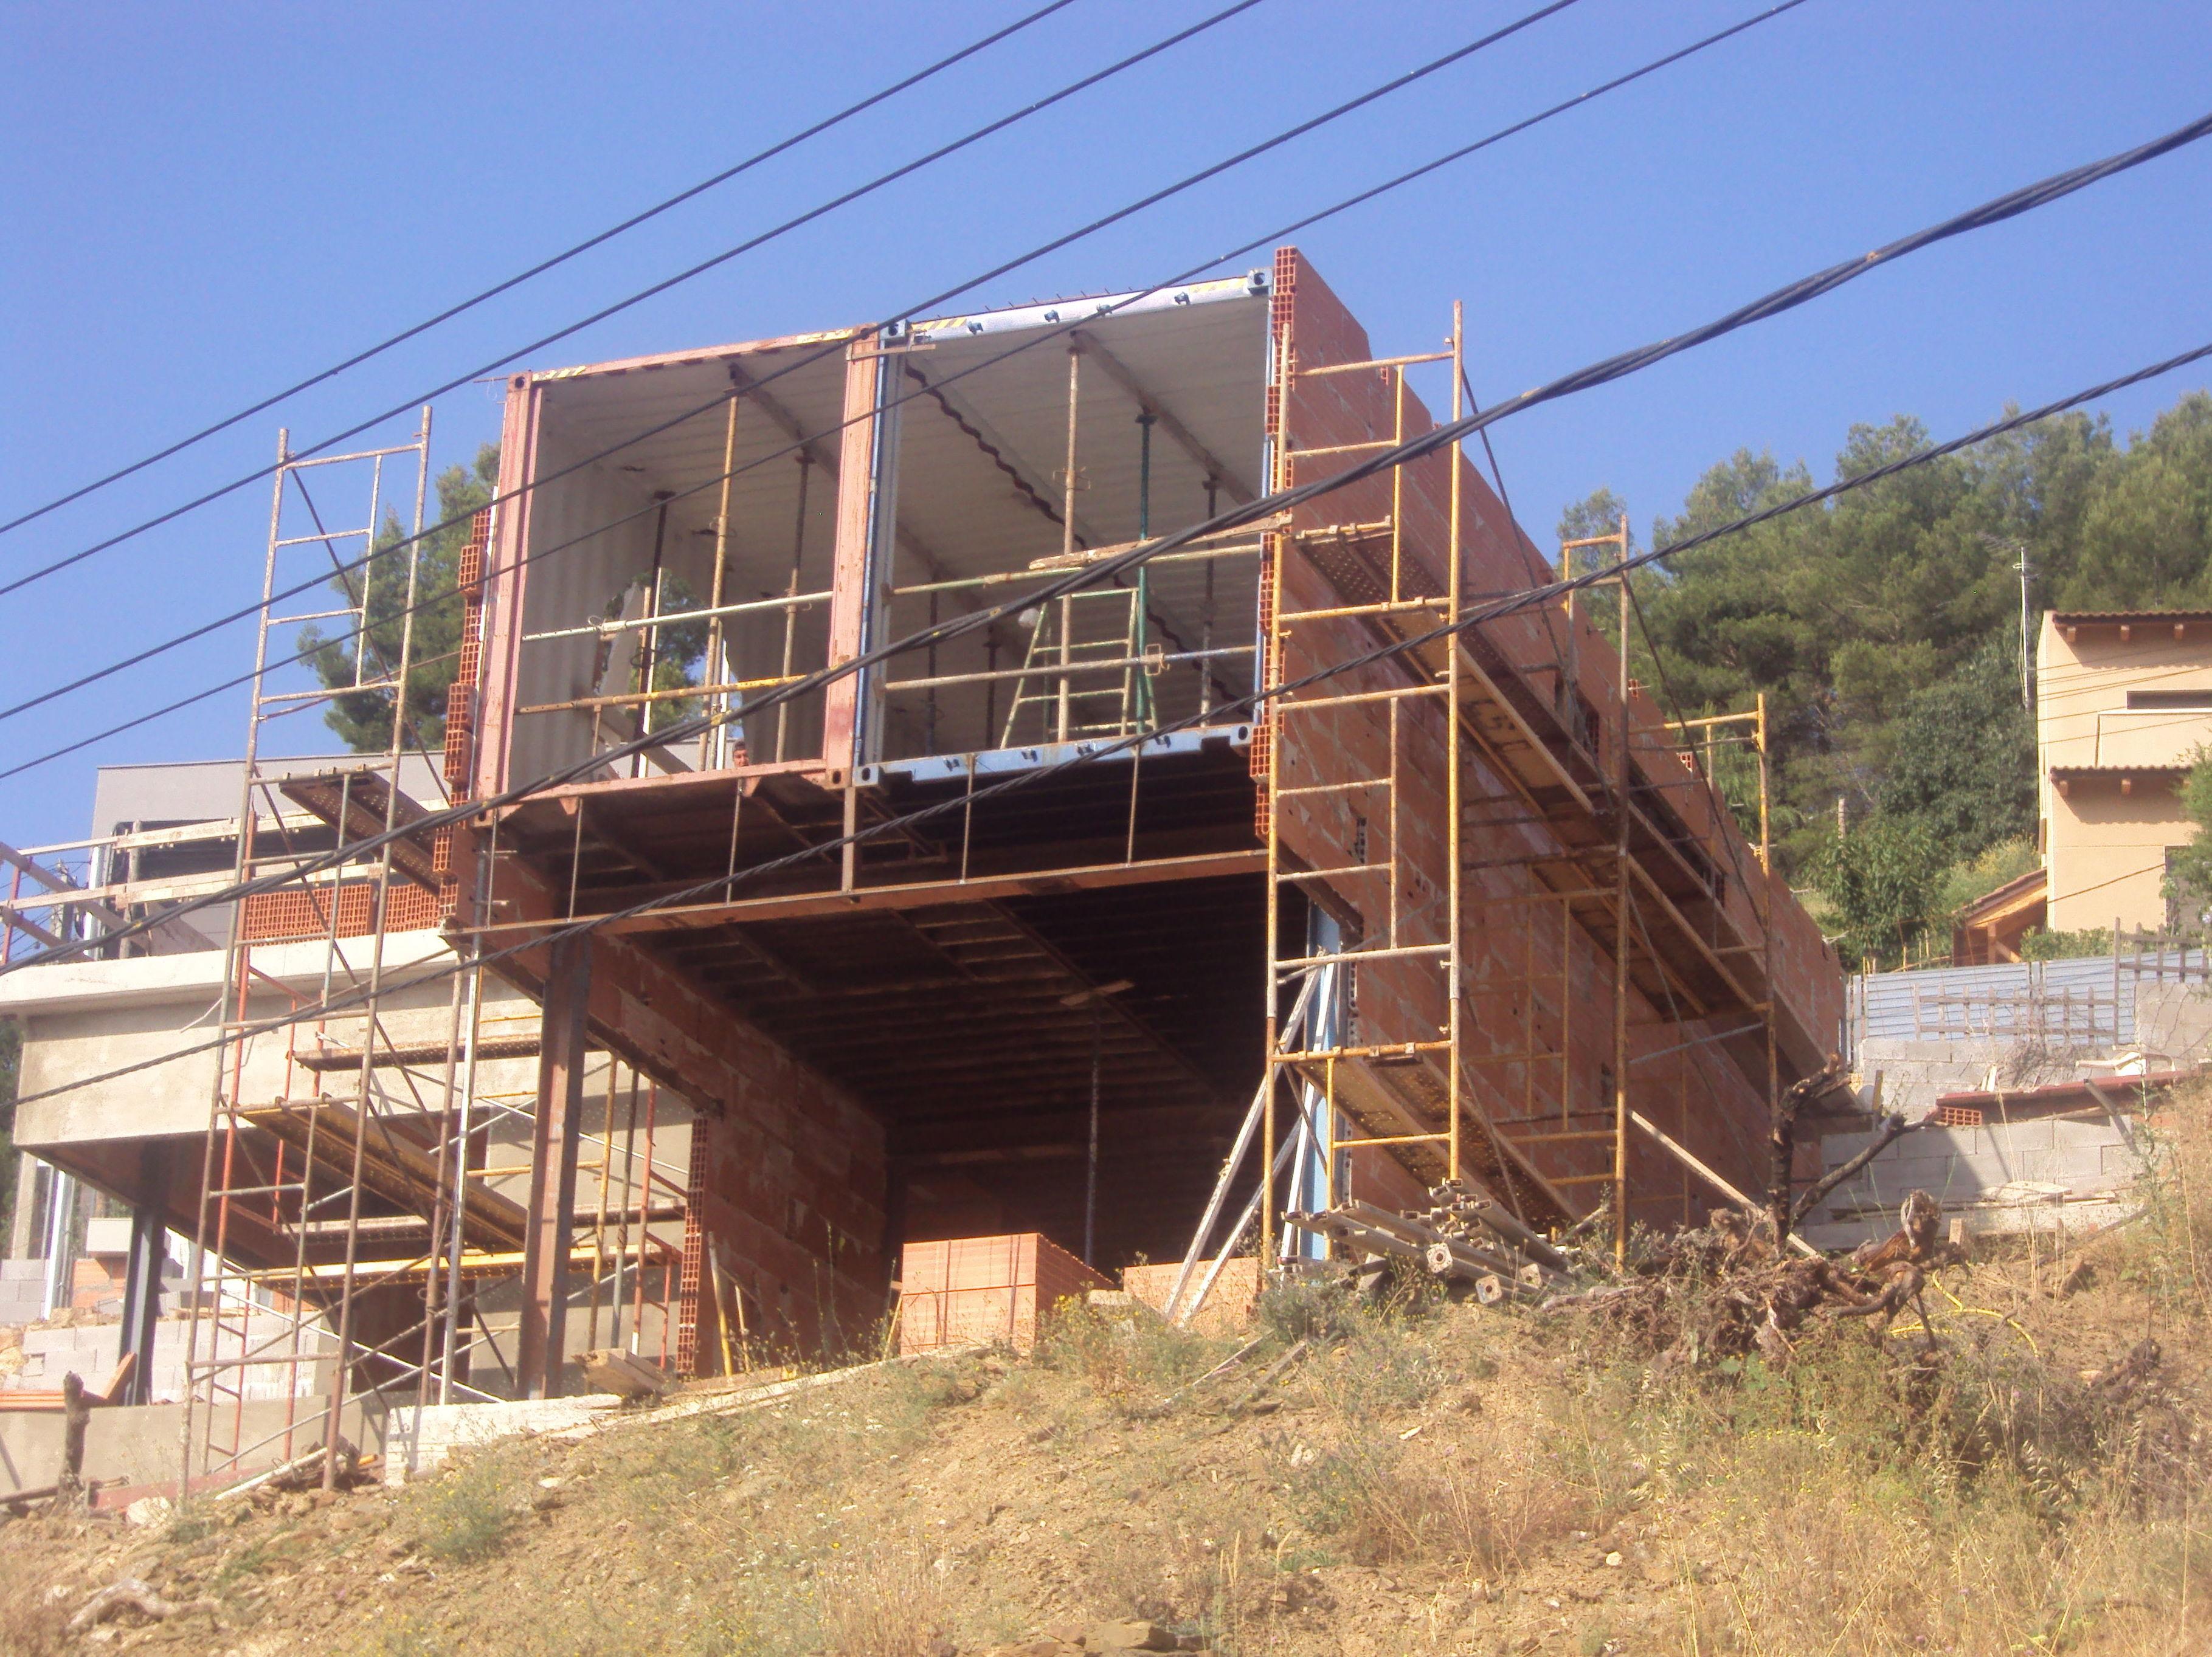 Arquitectura economica obra realizada con contenedores de barco Arquitectura 433 tlf 671703439